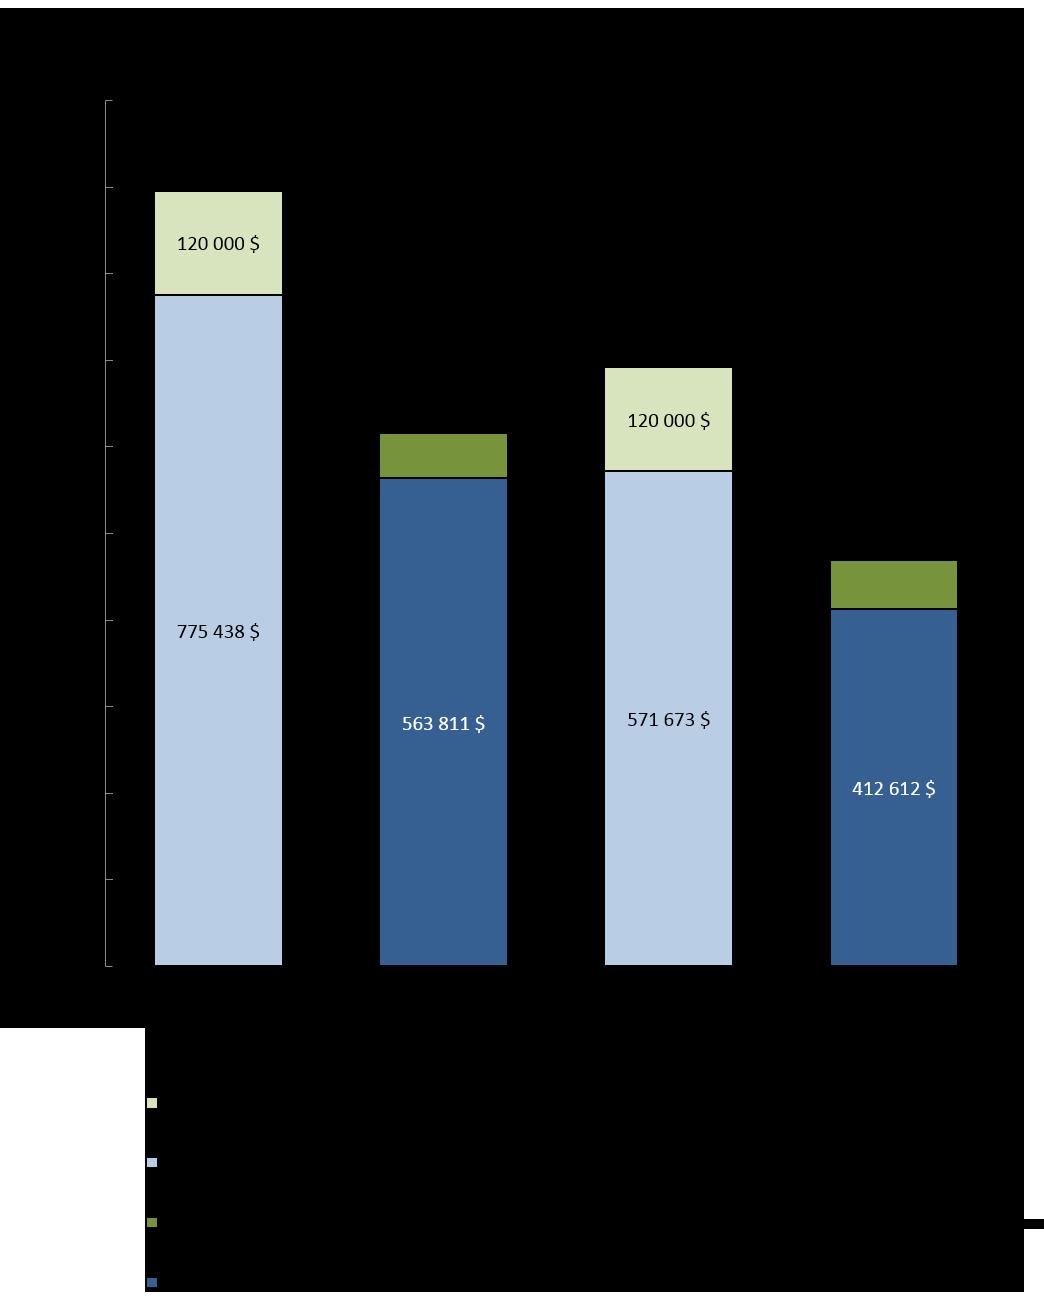 Graphique 1 : Comparaison des autorisations budgétaires brutes et des dépenses au 31 décembre 2016 et au 31 décembre 2017